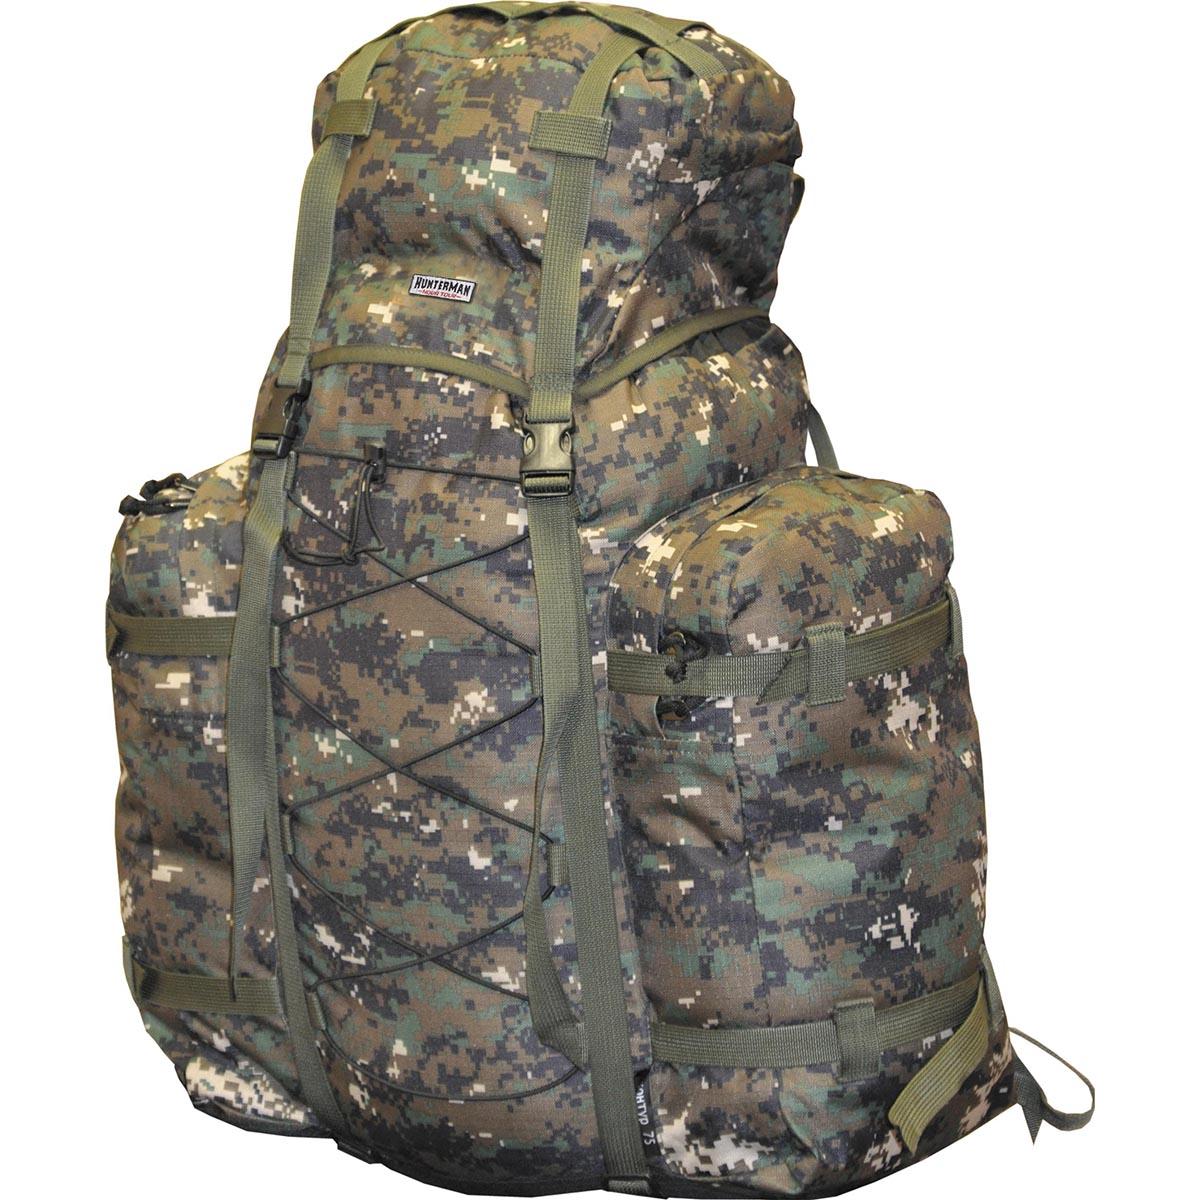 Рюкзак для охоты Hunterman Nova Tour Контур 75 V3 км, цвет: диджитал зеленый, 75 л95817-608-00Рюкзак для охоты Hunterman Nova Tour Контур 75 V3 км - легкий, компактный рюкзак для охоты и рыбалки. Находка для любителей активного отдыха на природе! Стильный, вместительный, удобный в эксплуатации! Надежный помощник при переноске необходимого снаряжения для рыбной ловли и охоты. Вертикальная смягчающая вставка добавляет жесткости спинке рюкзака, в плавающем клапане карман для мелочей, съемная поясная стропа. Ткань Poly Oxford 300D Ripsto.